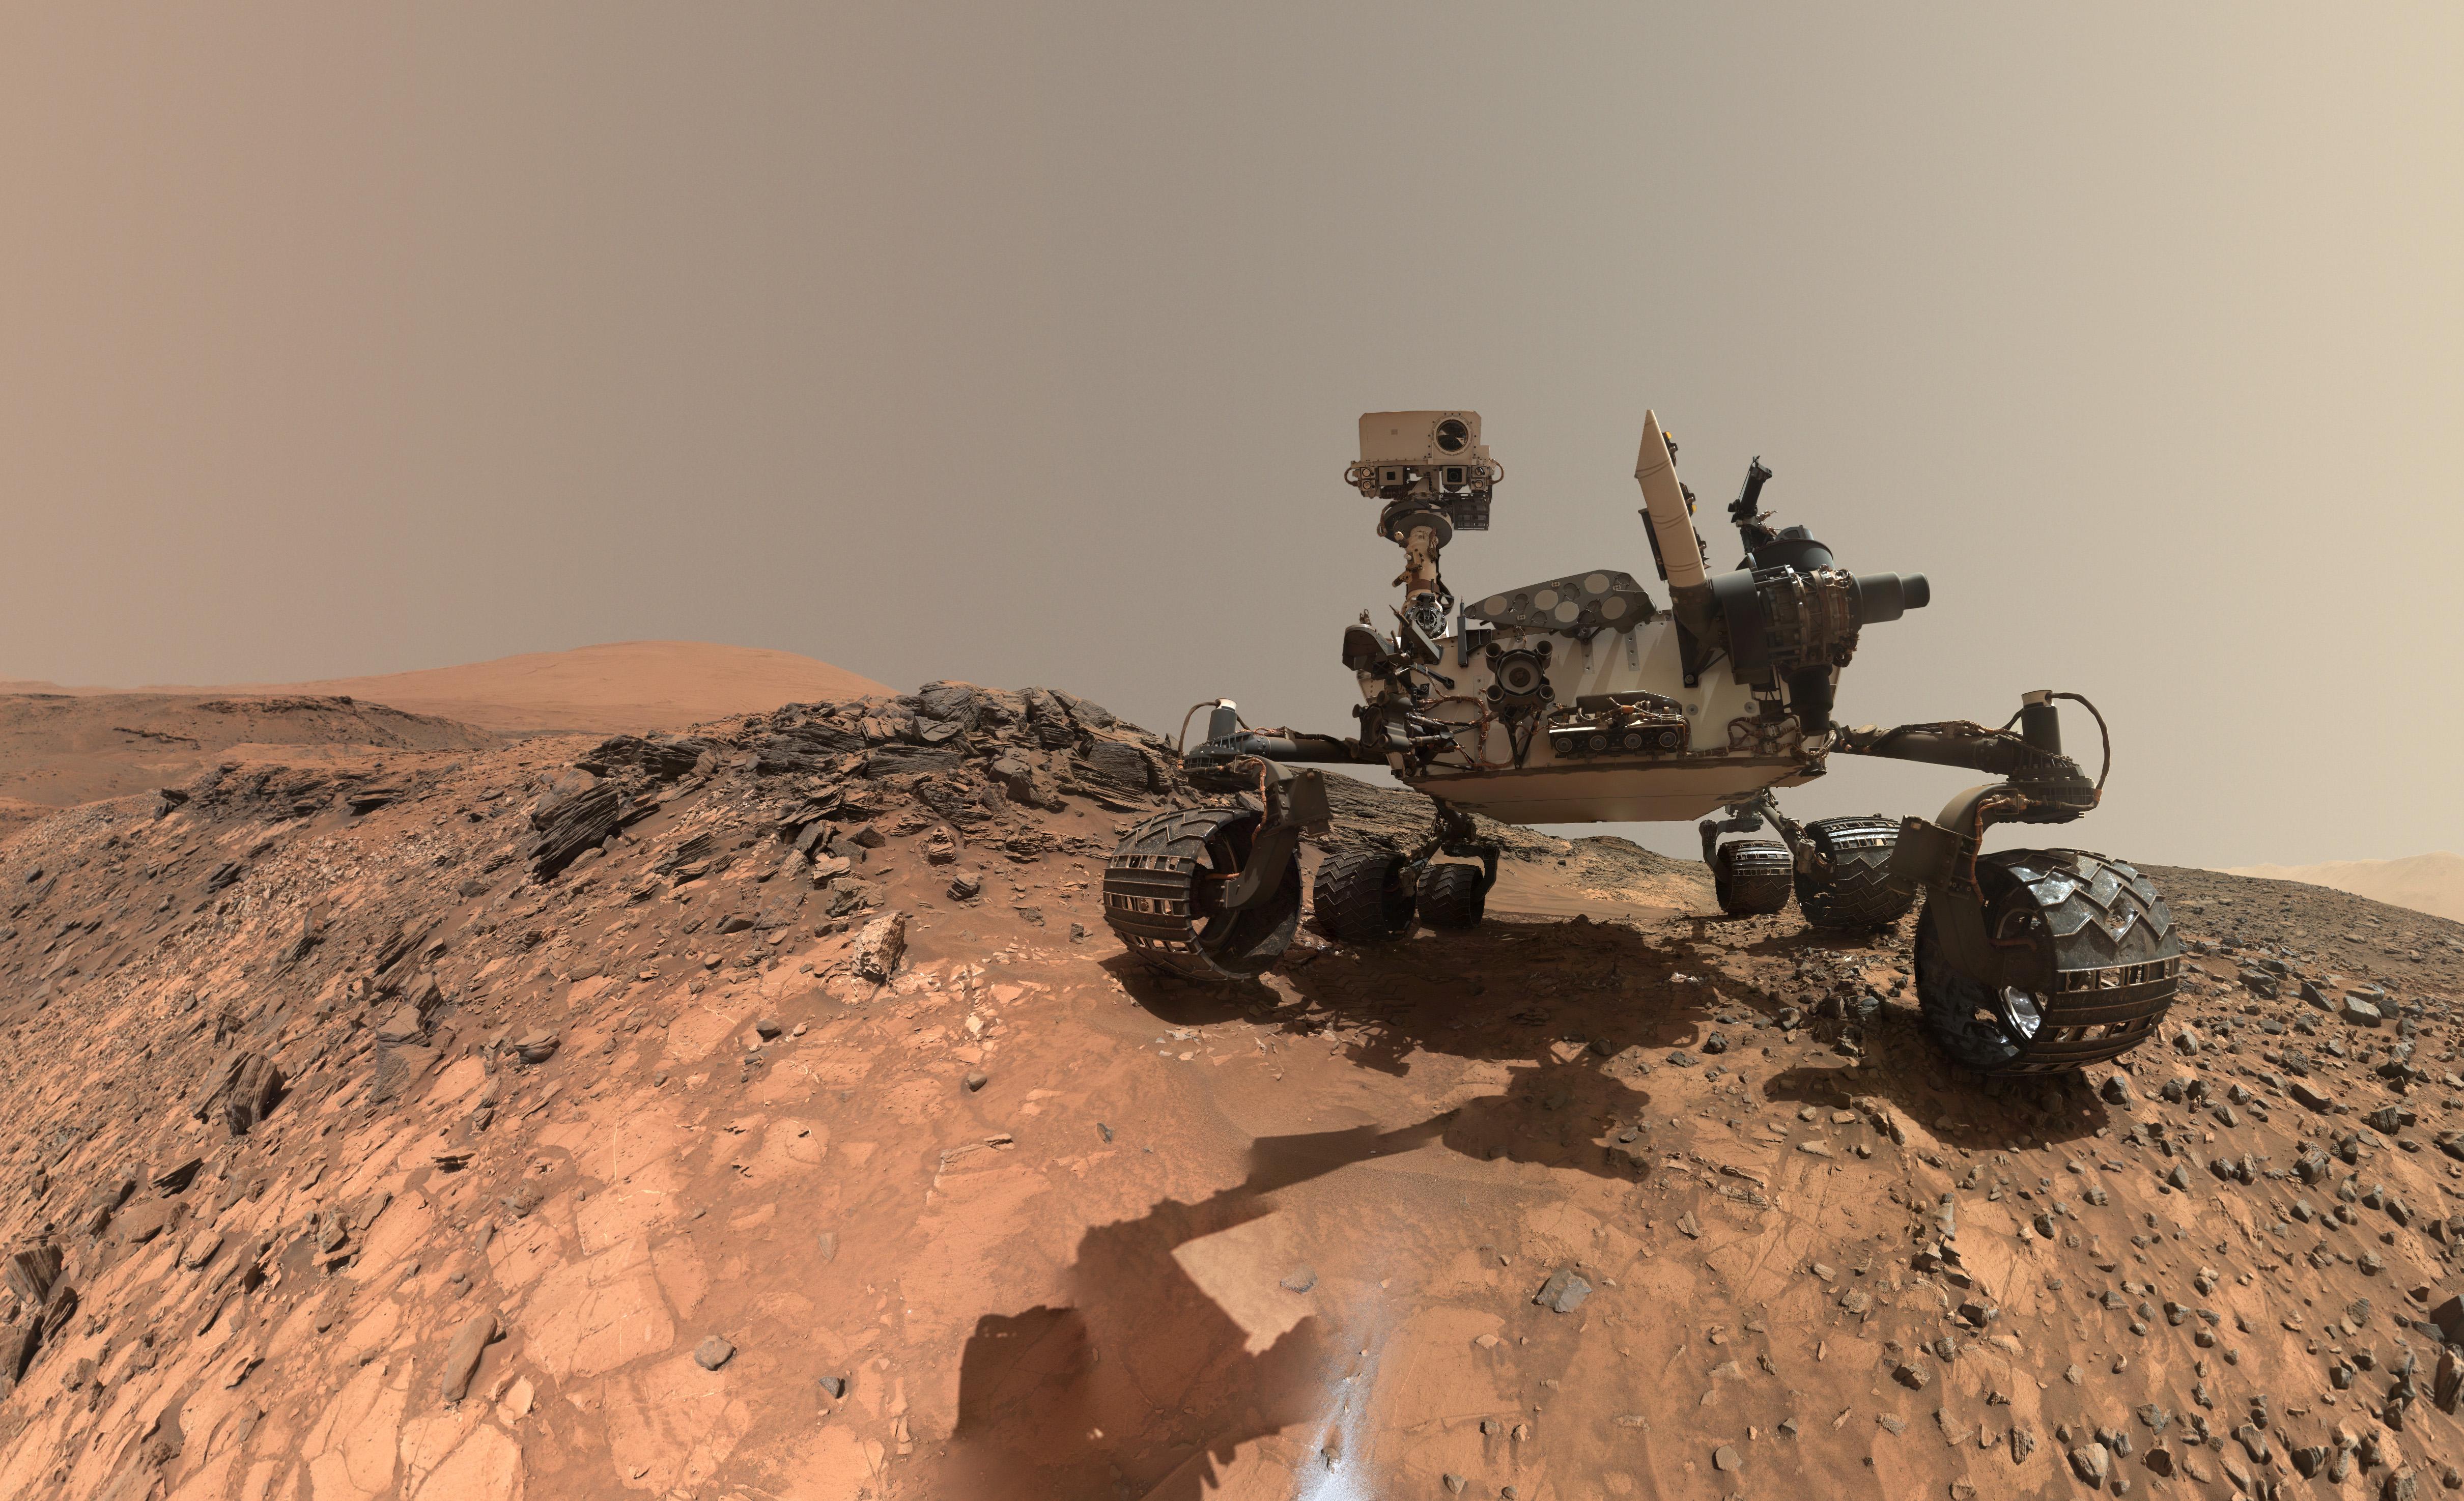 Vozítko Curiosity najíždí na převis. Za ním spatří něco, co navždy změní naše vnímání!